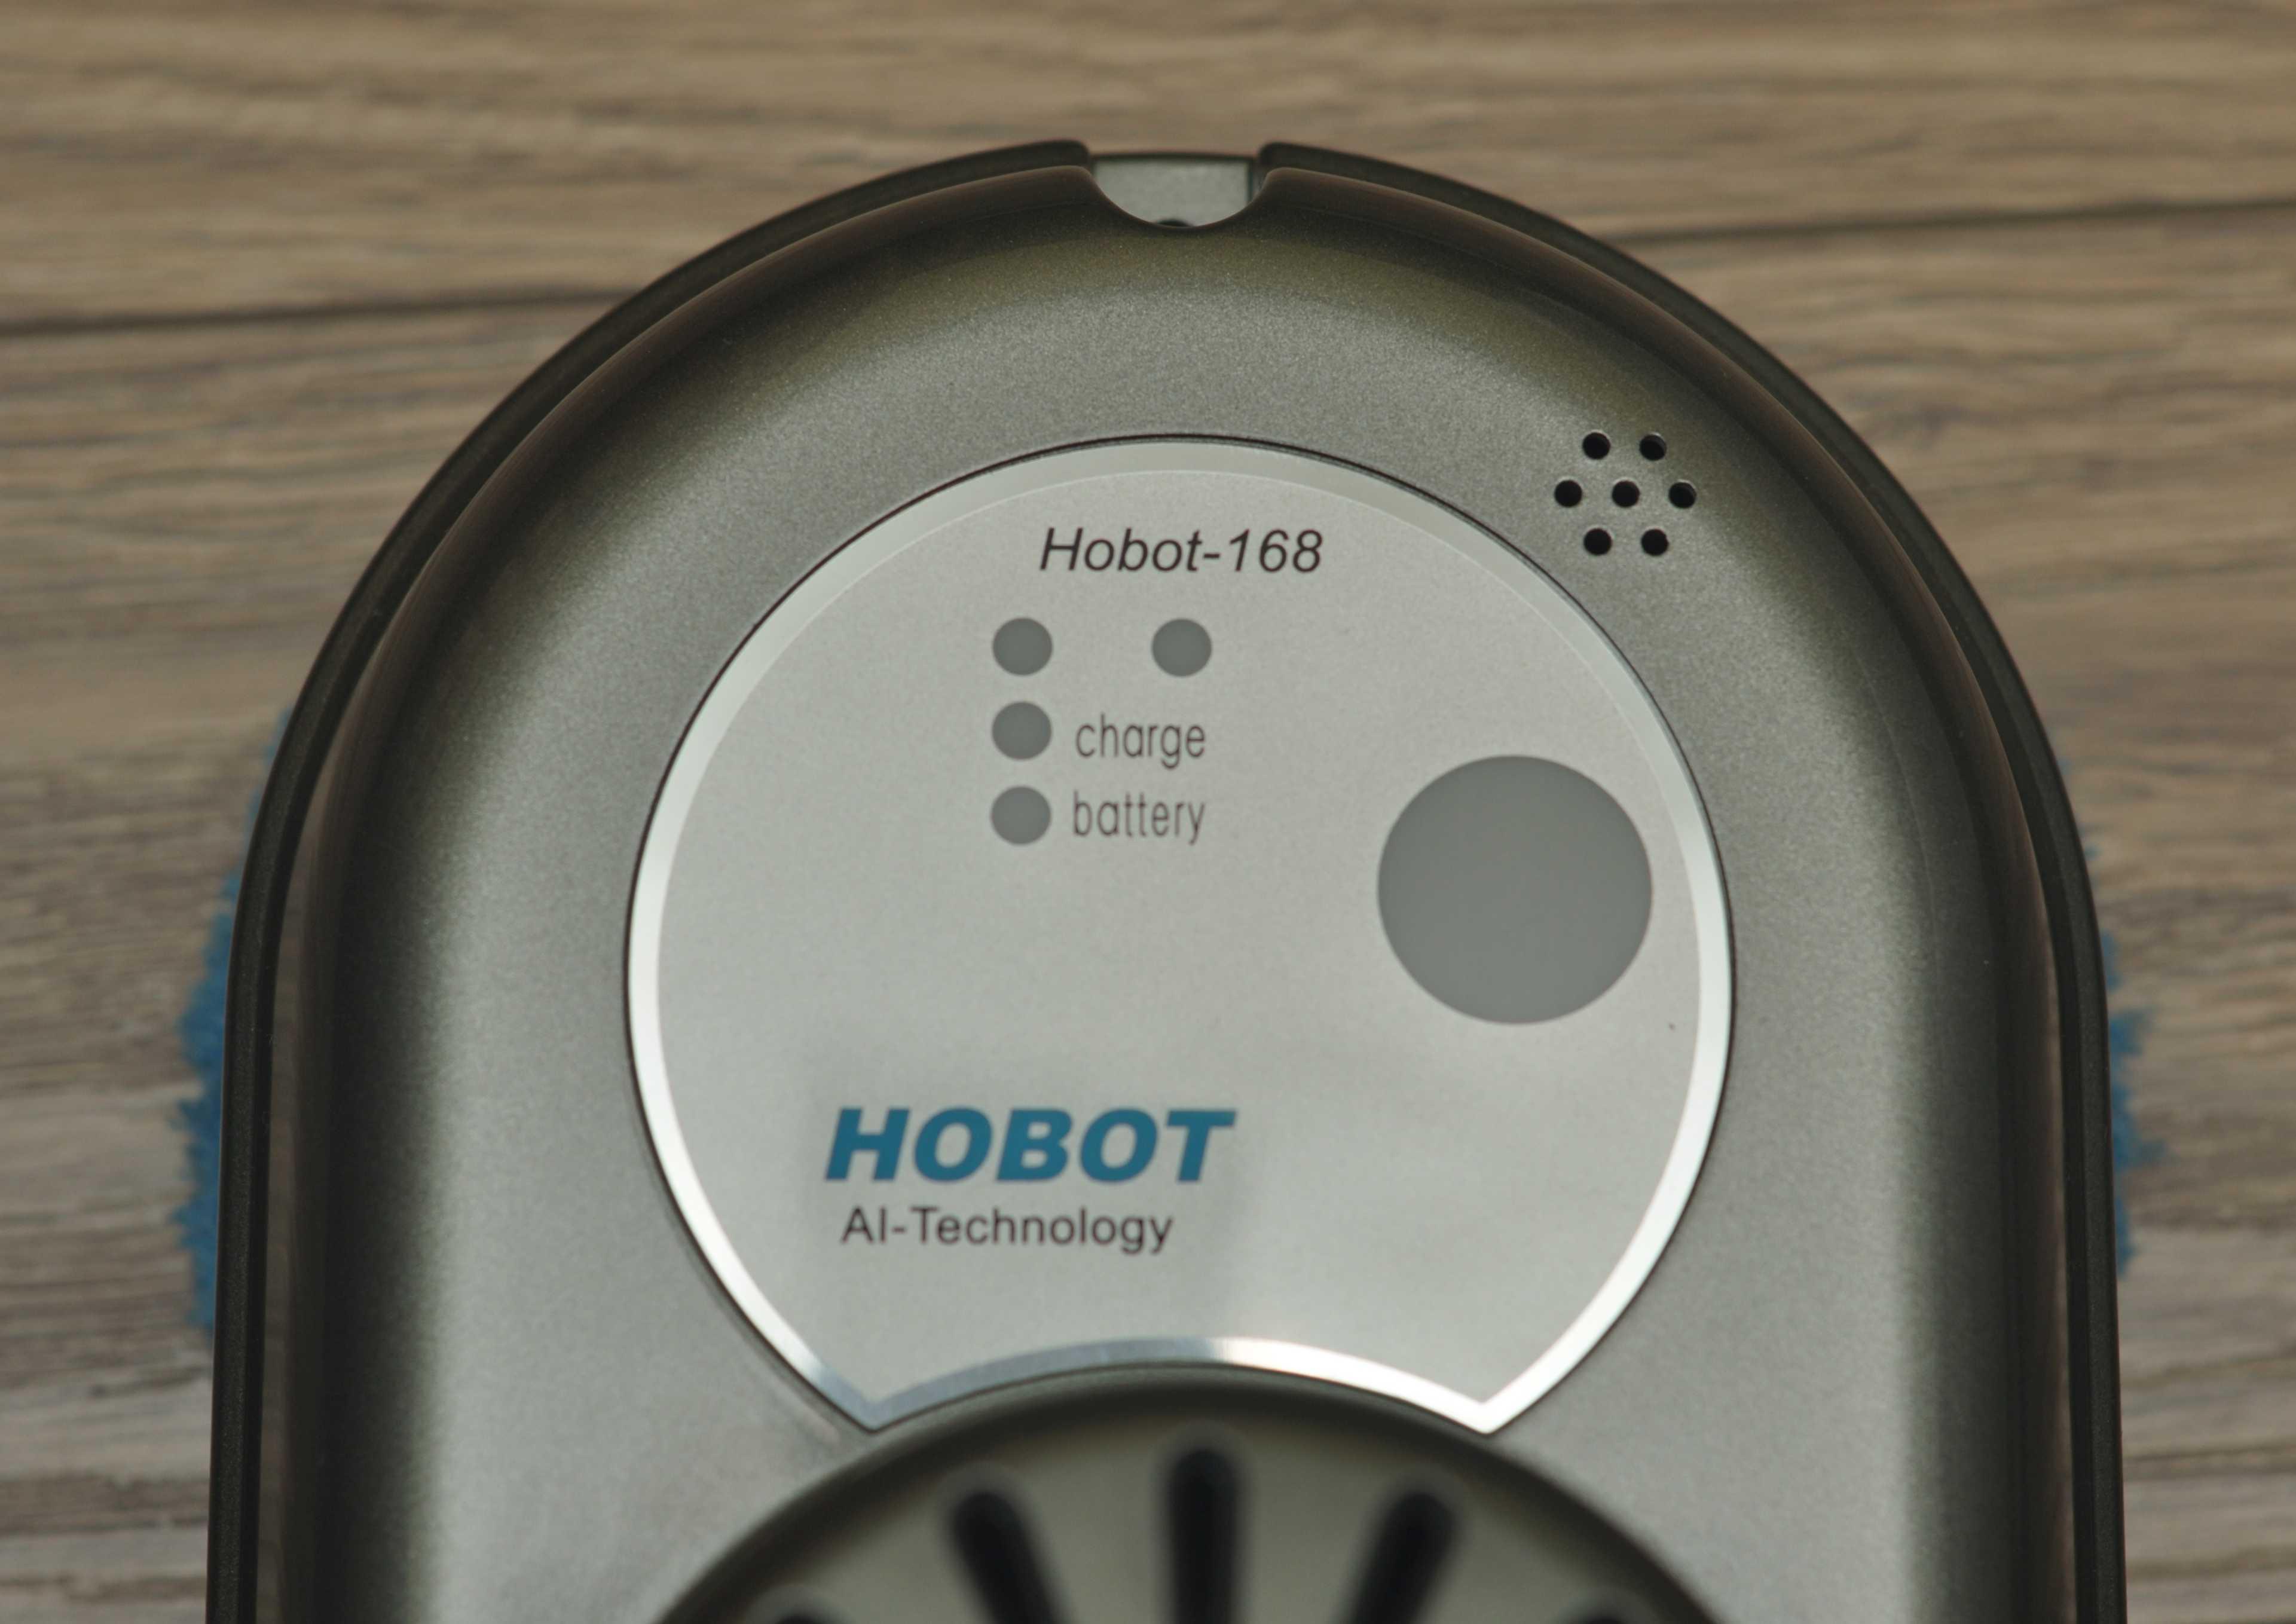 робот пылесос хобот для мытья окон видео инструкция